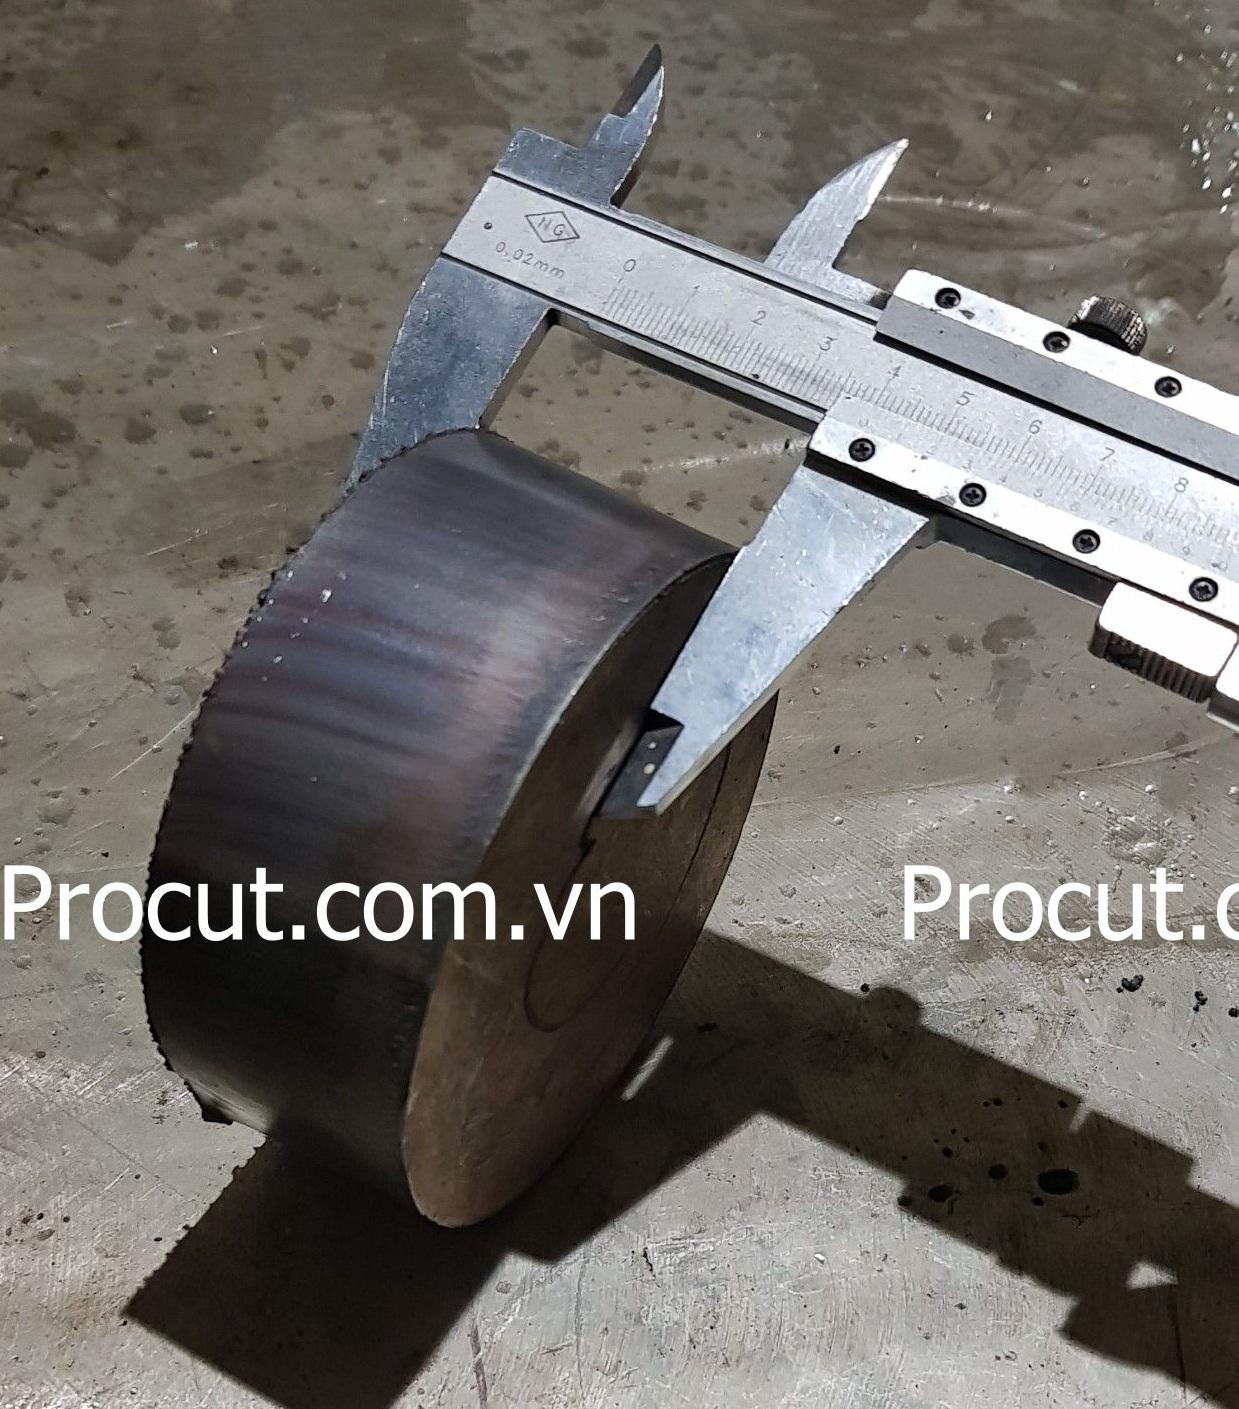 Chiều dày của inox phụ thuộc vào công xuất của nguồn cắt